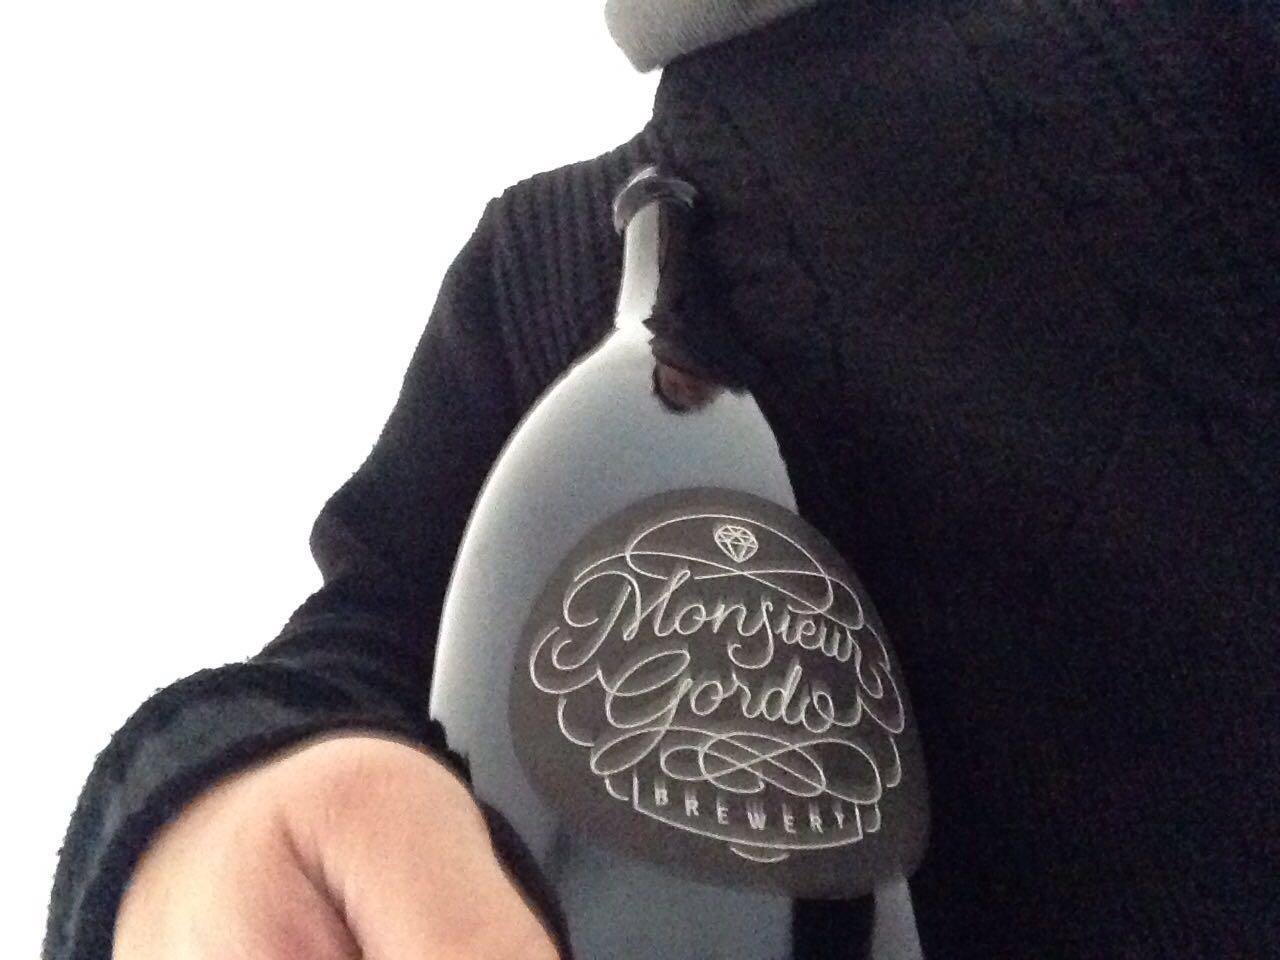 Monsieur Gordo Magnum